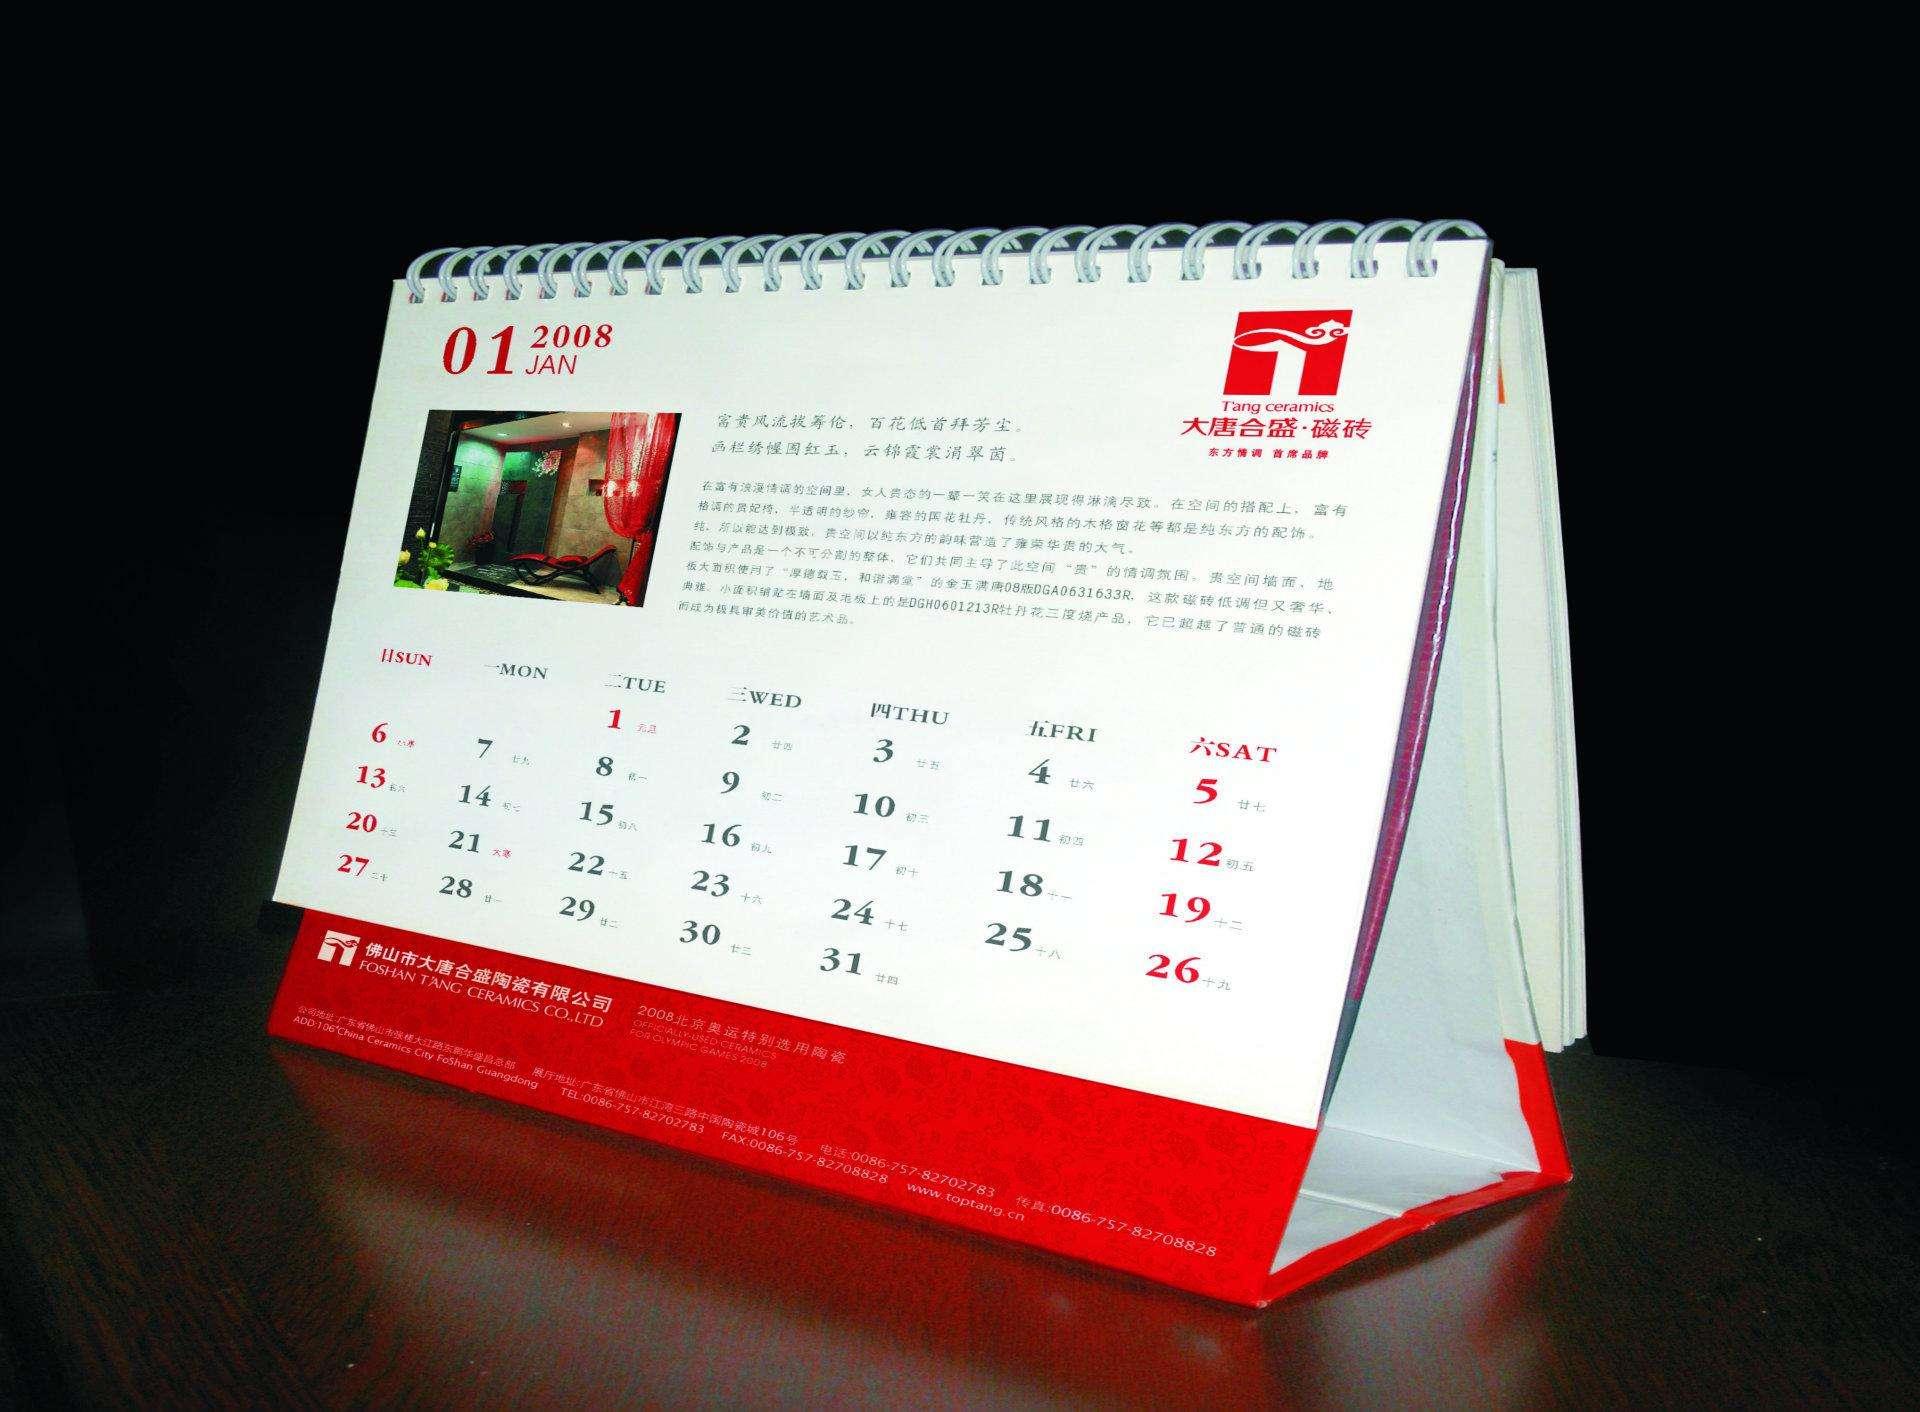 北京优质价廉的台历挂历  北京哪里有广告台历?